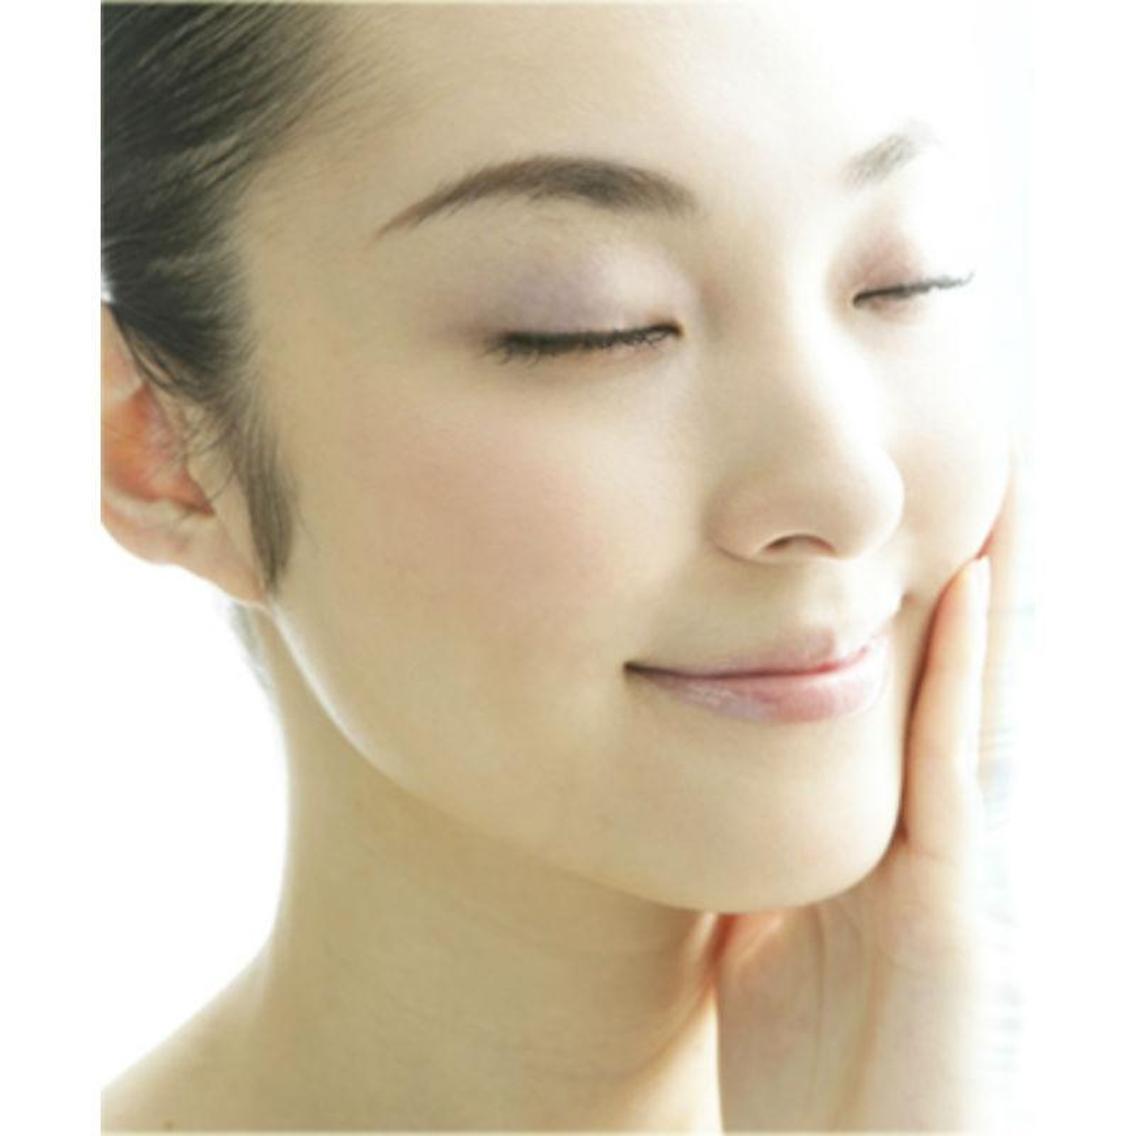 【お肌も心も体も美しく…✨】全ての女性の「キレイ」のために施術をご提案・ご提供いたします(*˘͈ ᵕ˘͈).*・゚